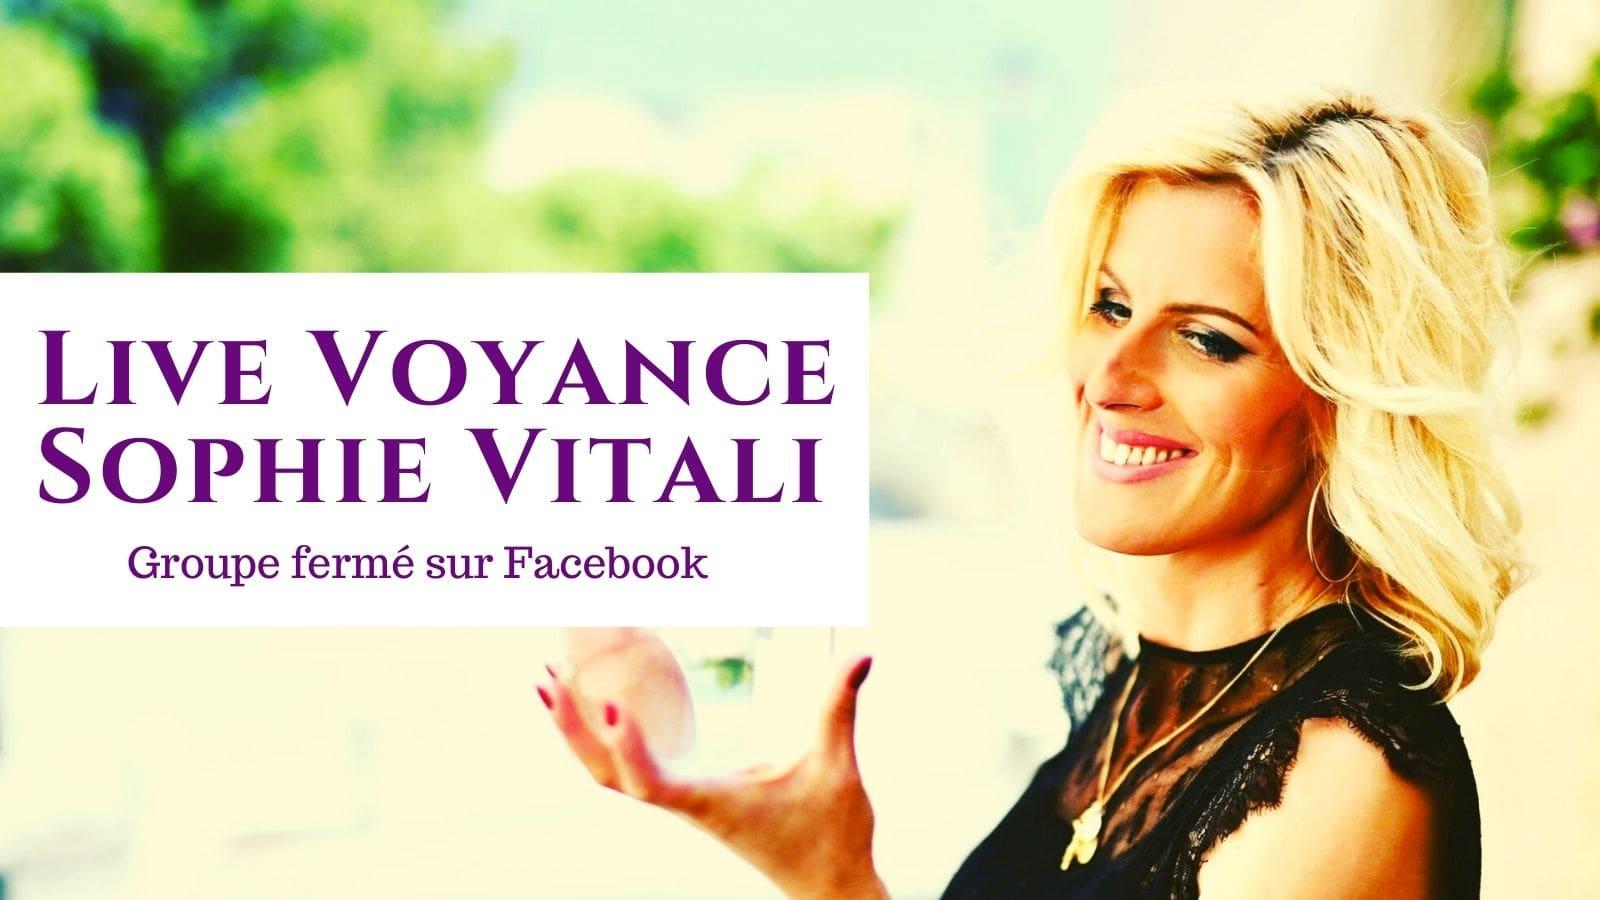 Live voyance gratuit sur Facebook / Sophie Vitali